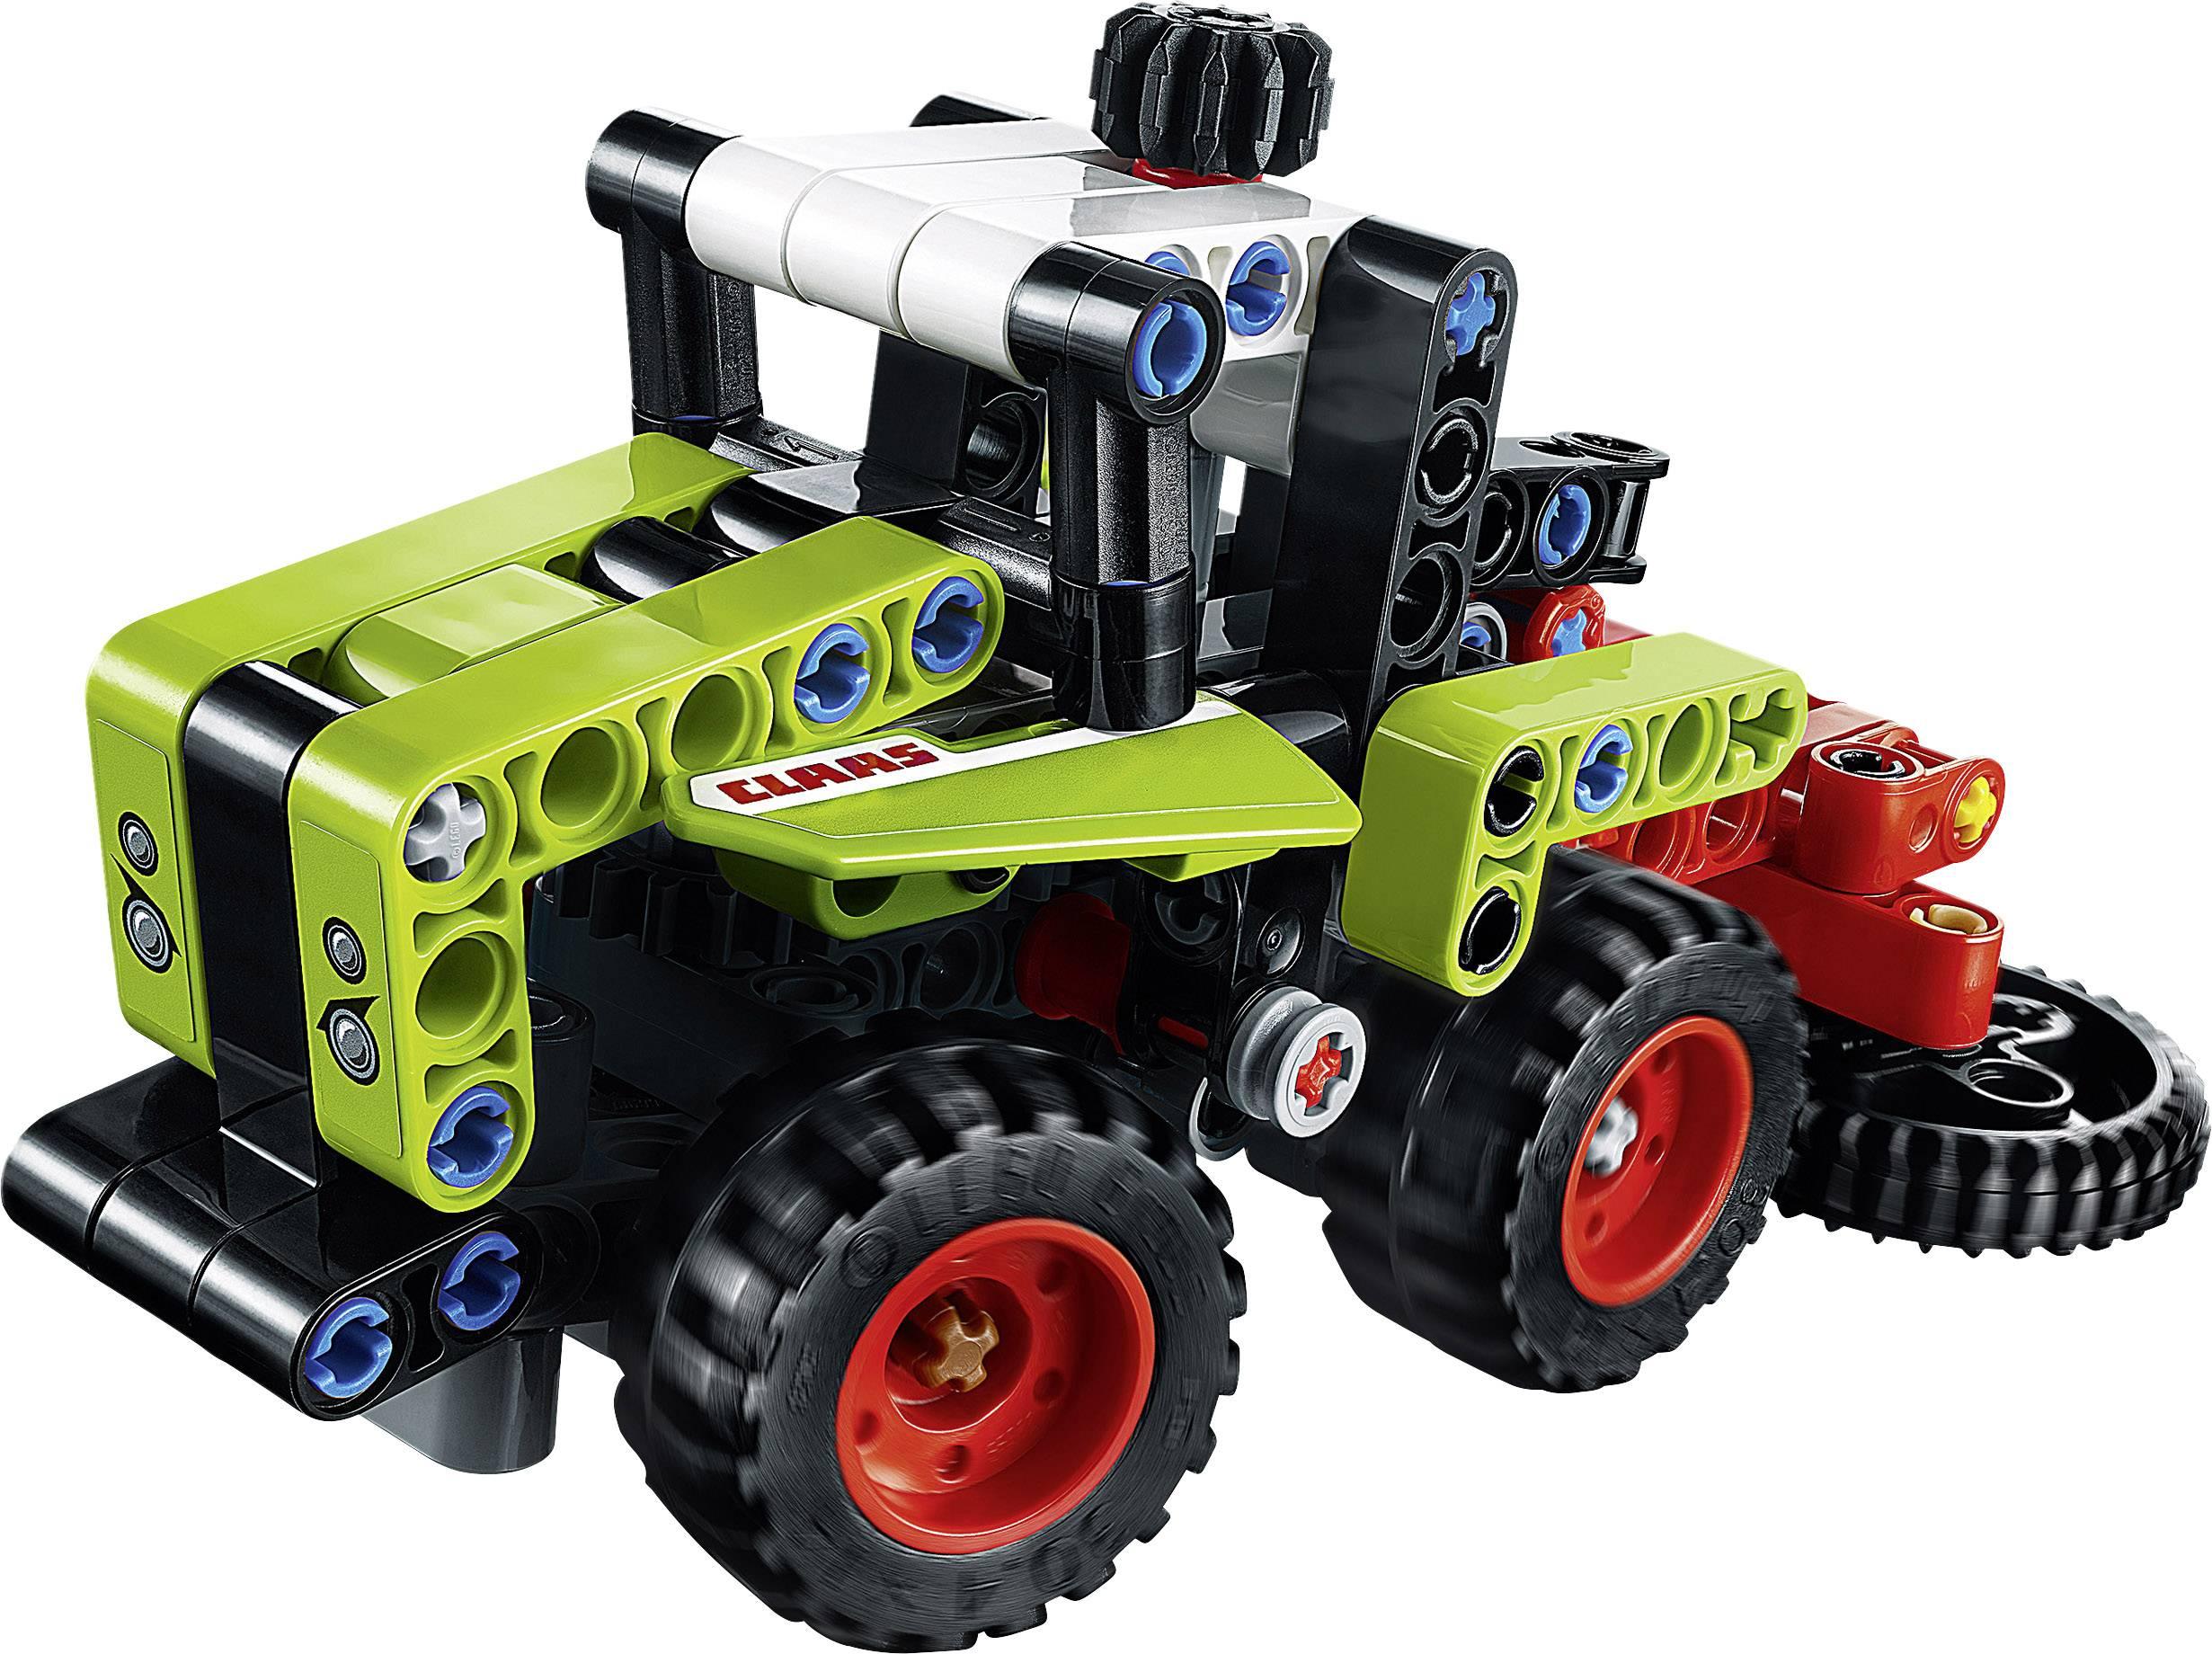 Suchergebnis auf für: lego technik Mädchen Bau